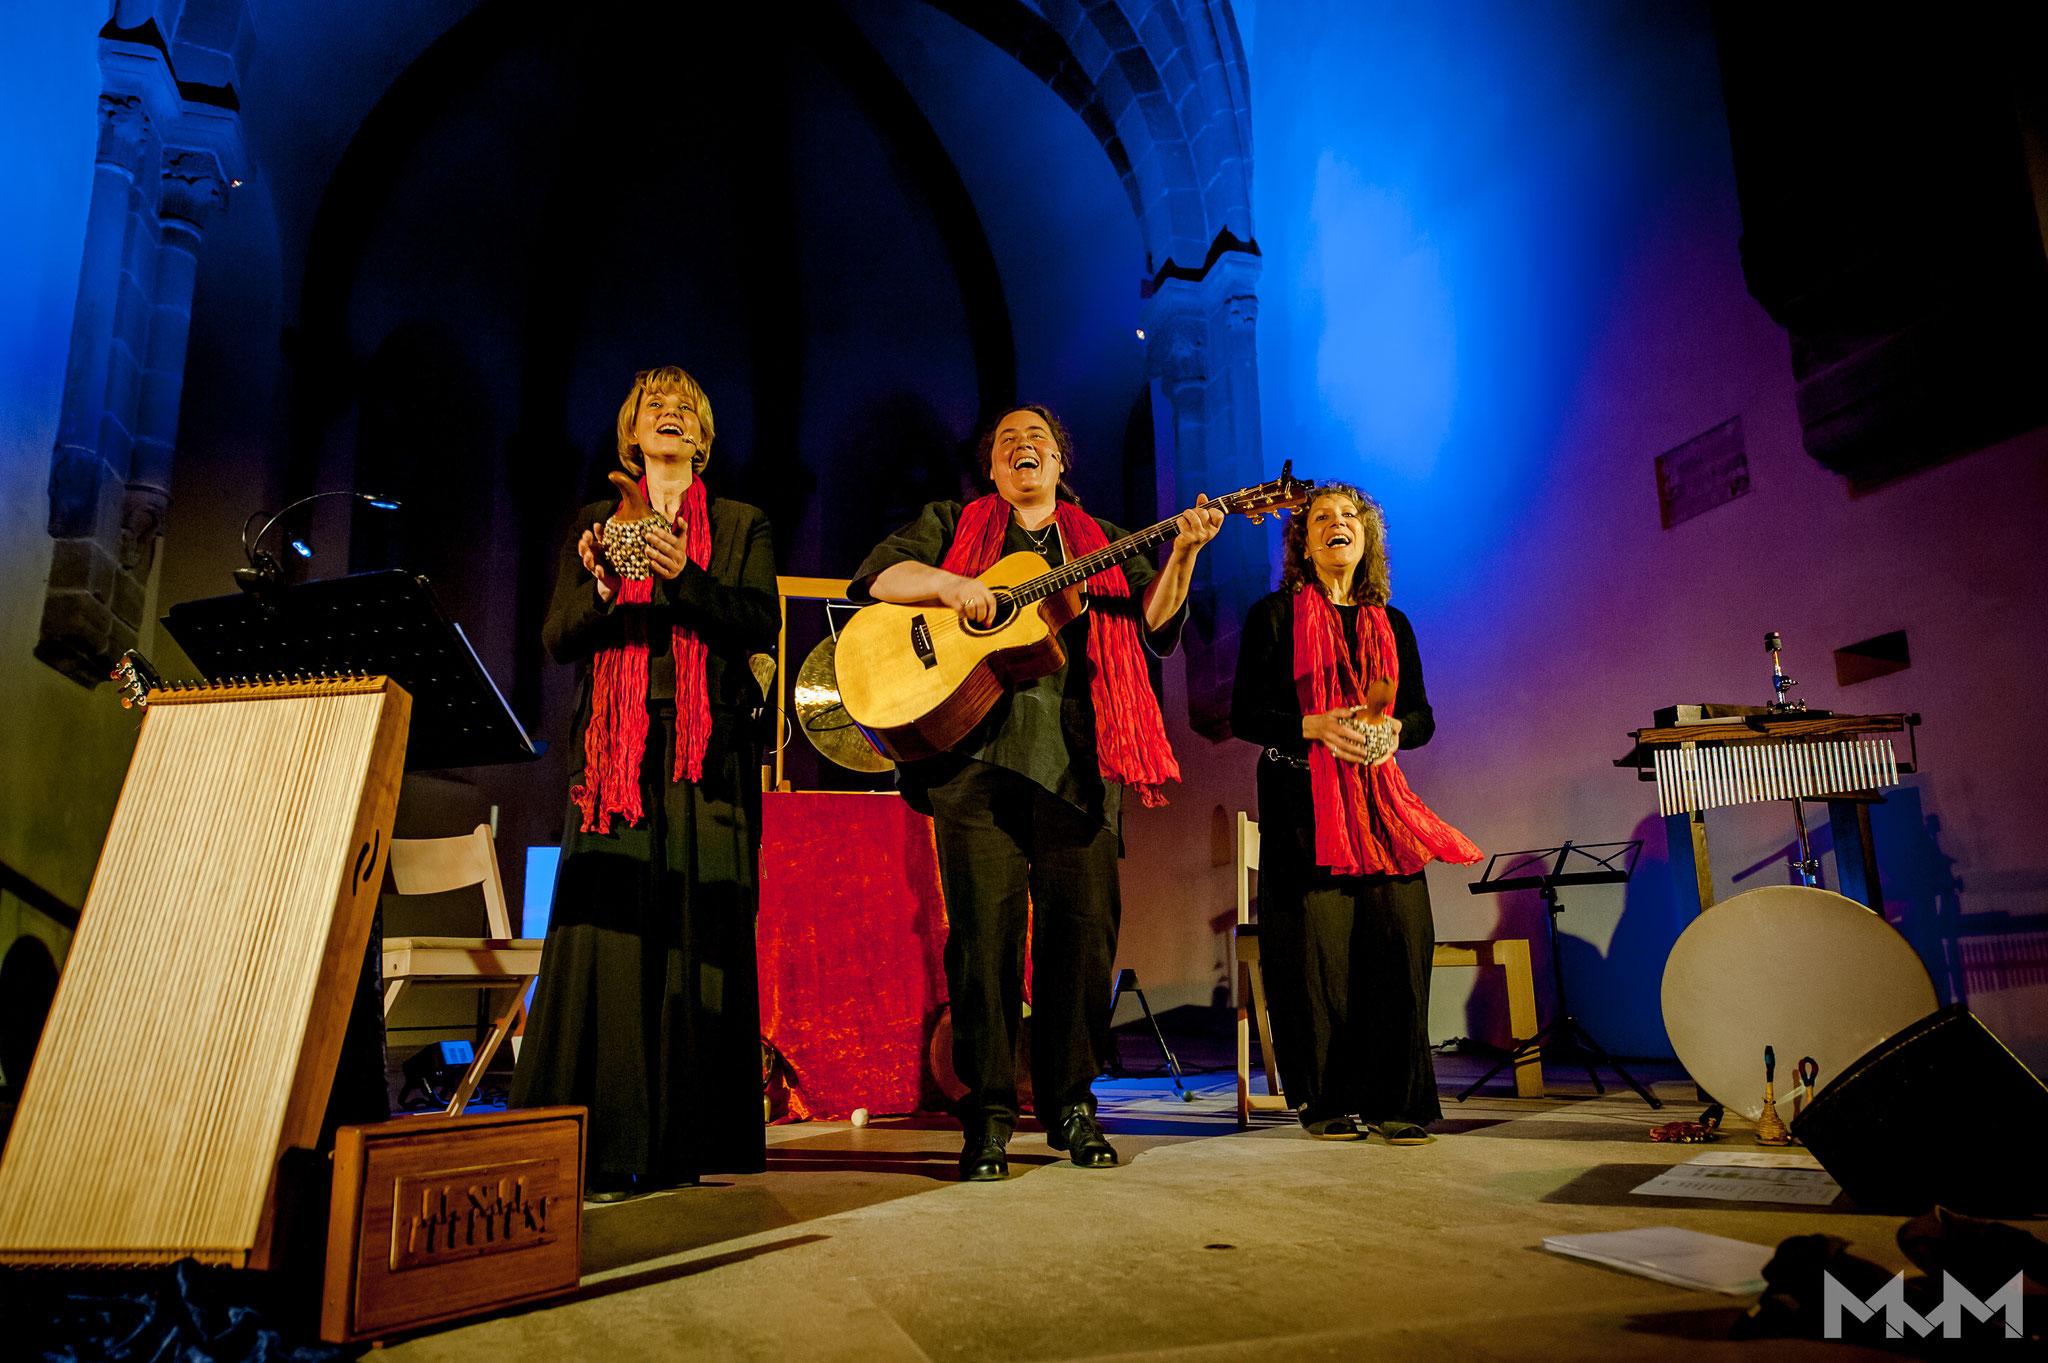 25.03.2017 GIS (Georgina, Iria, Susanne) in der St. Klarakirche, Nürnberg (Foto Martin v. Mendel)